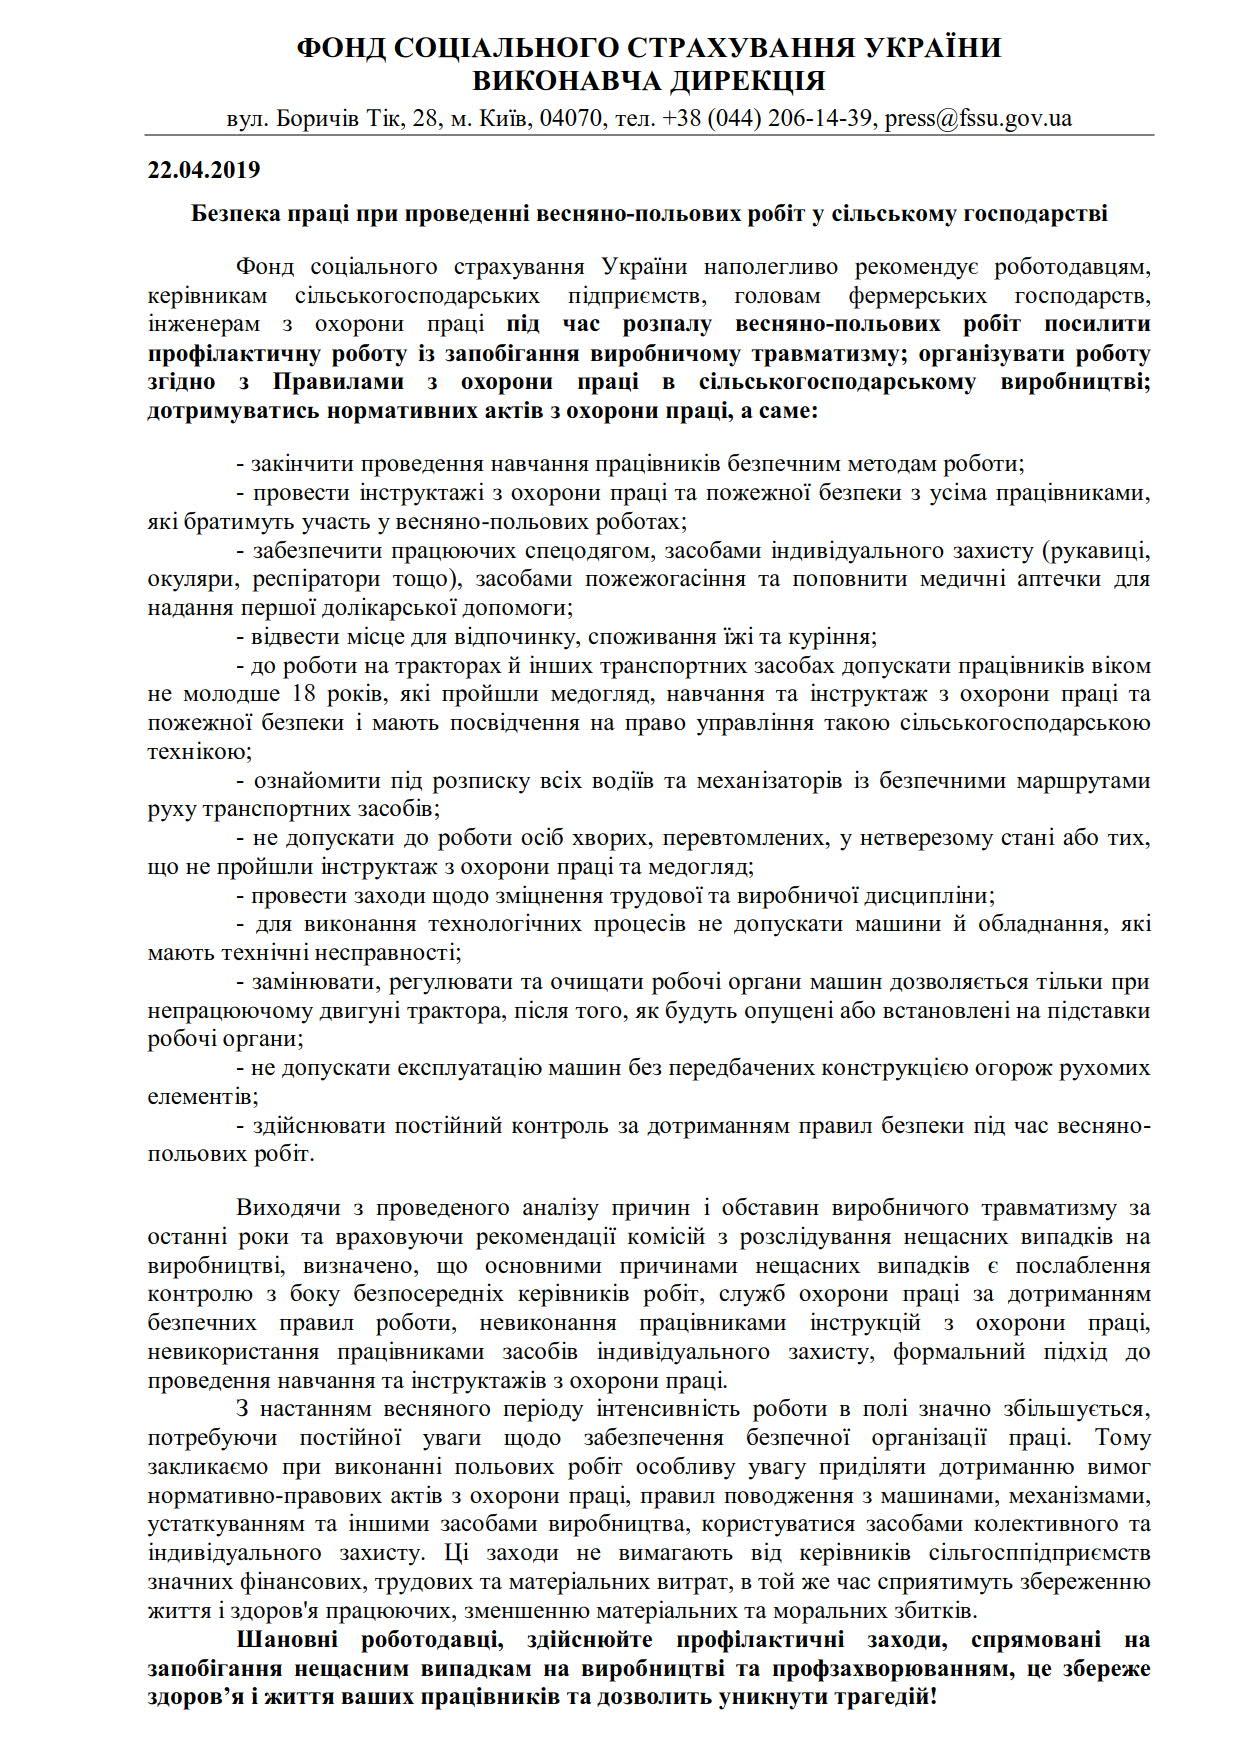 ФССУ_Безпека праці-1_1